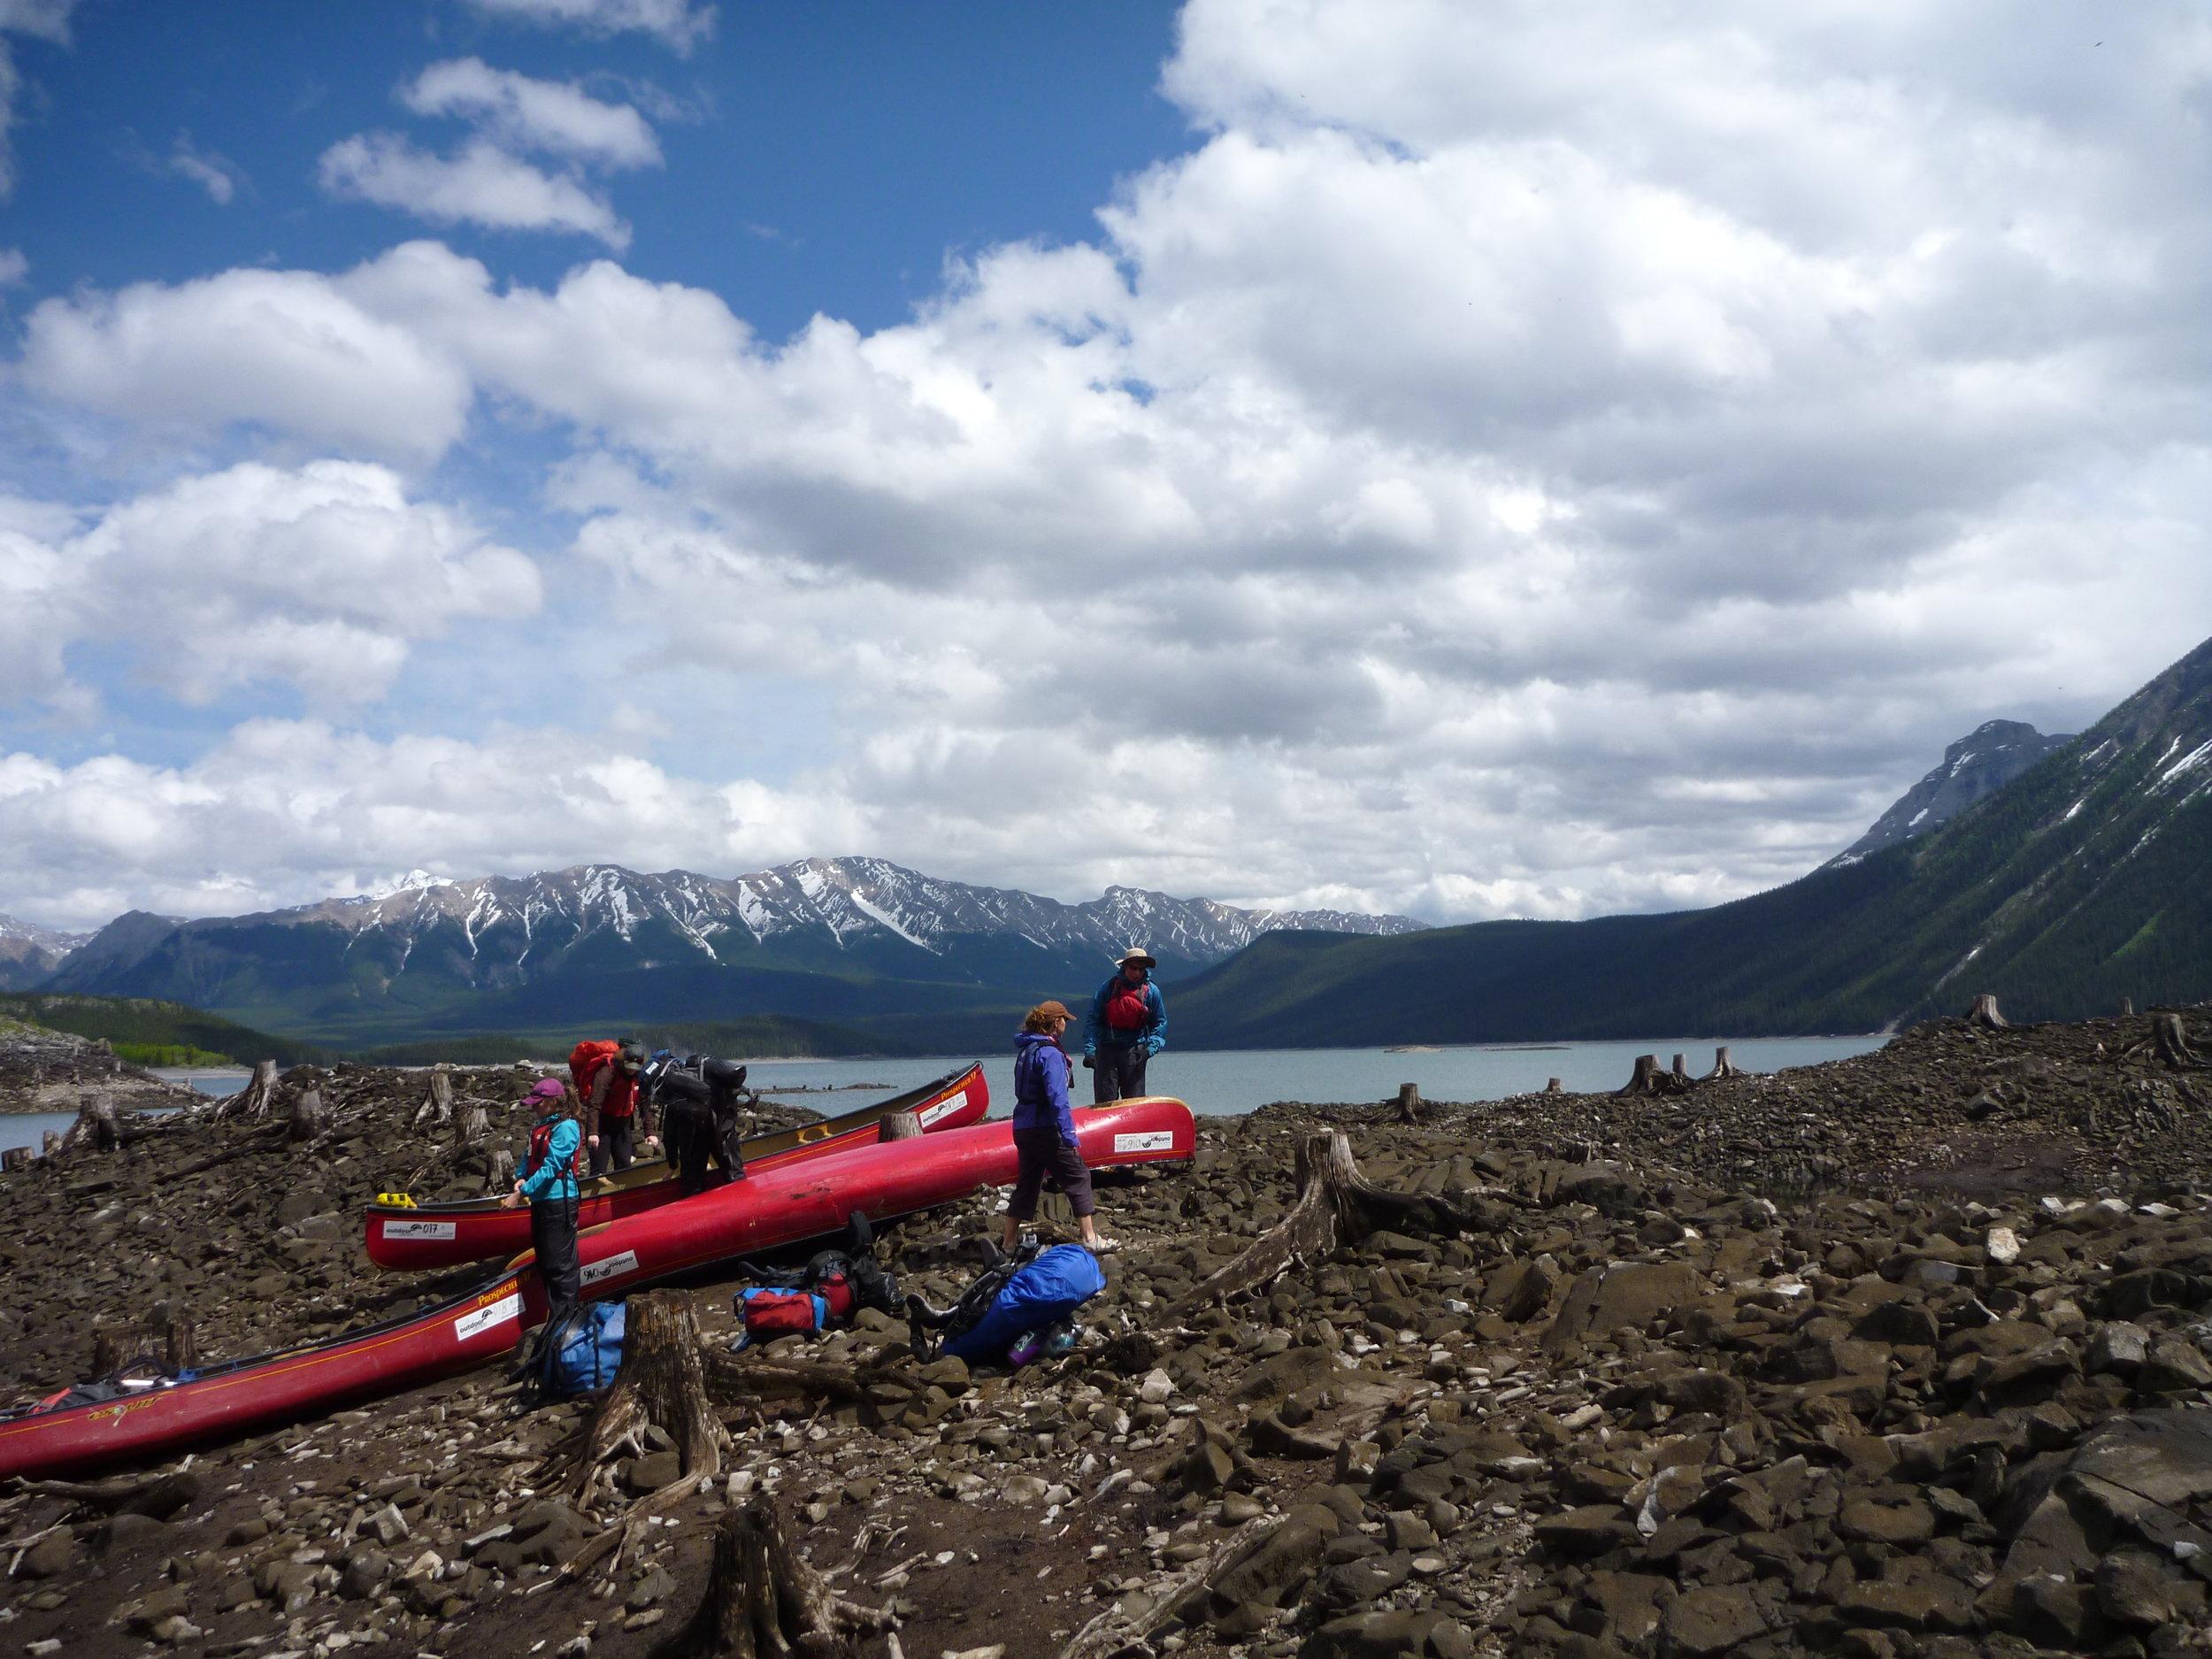 Canoe camping weekend in the rockies